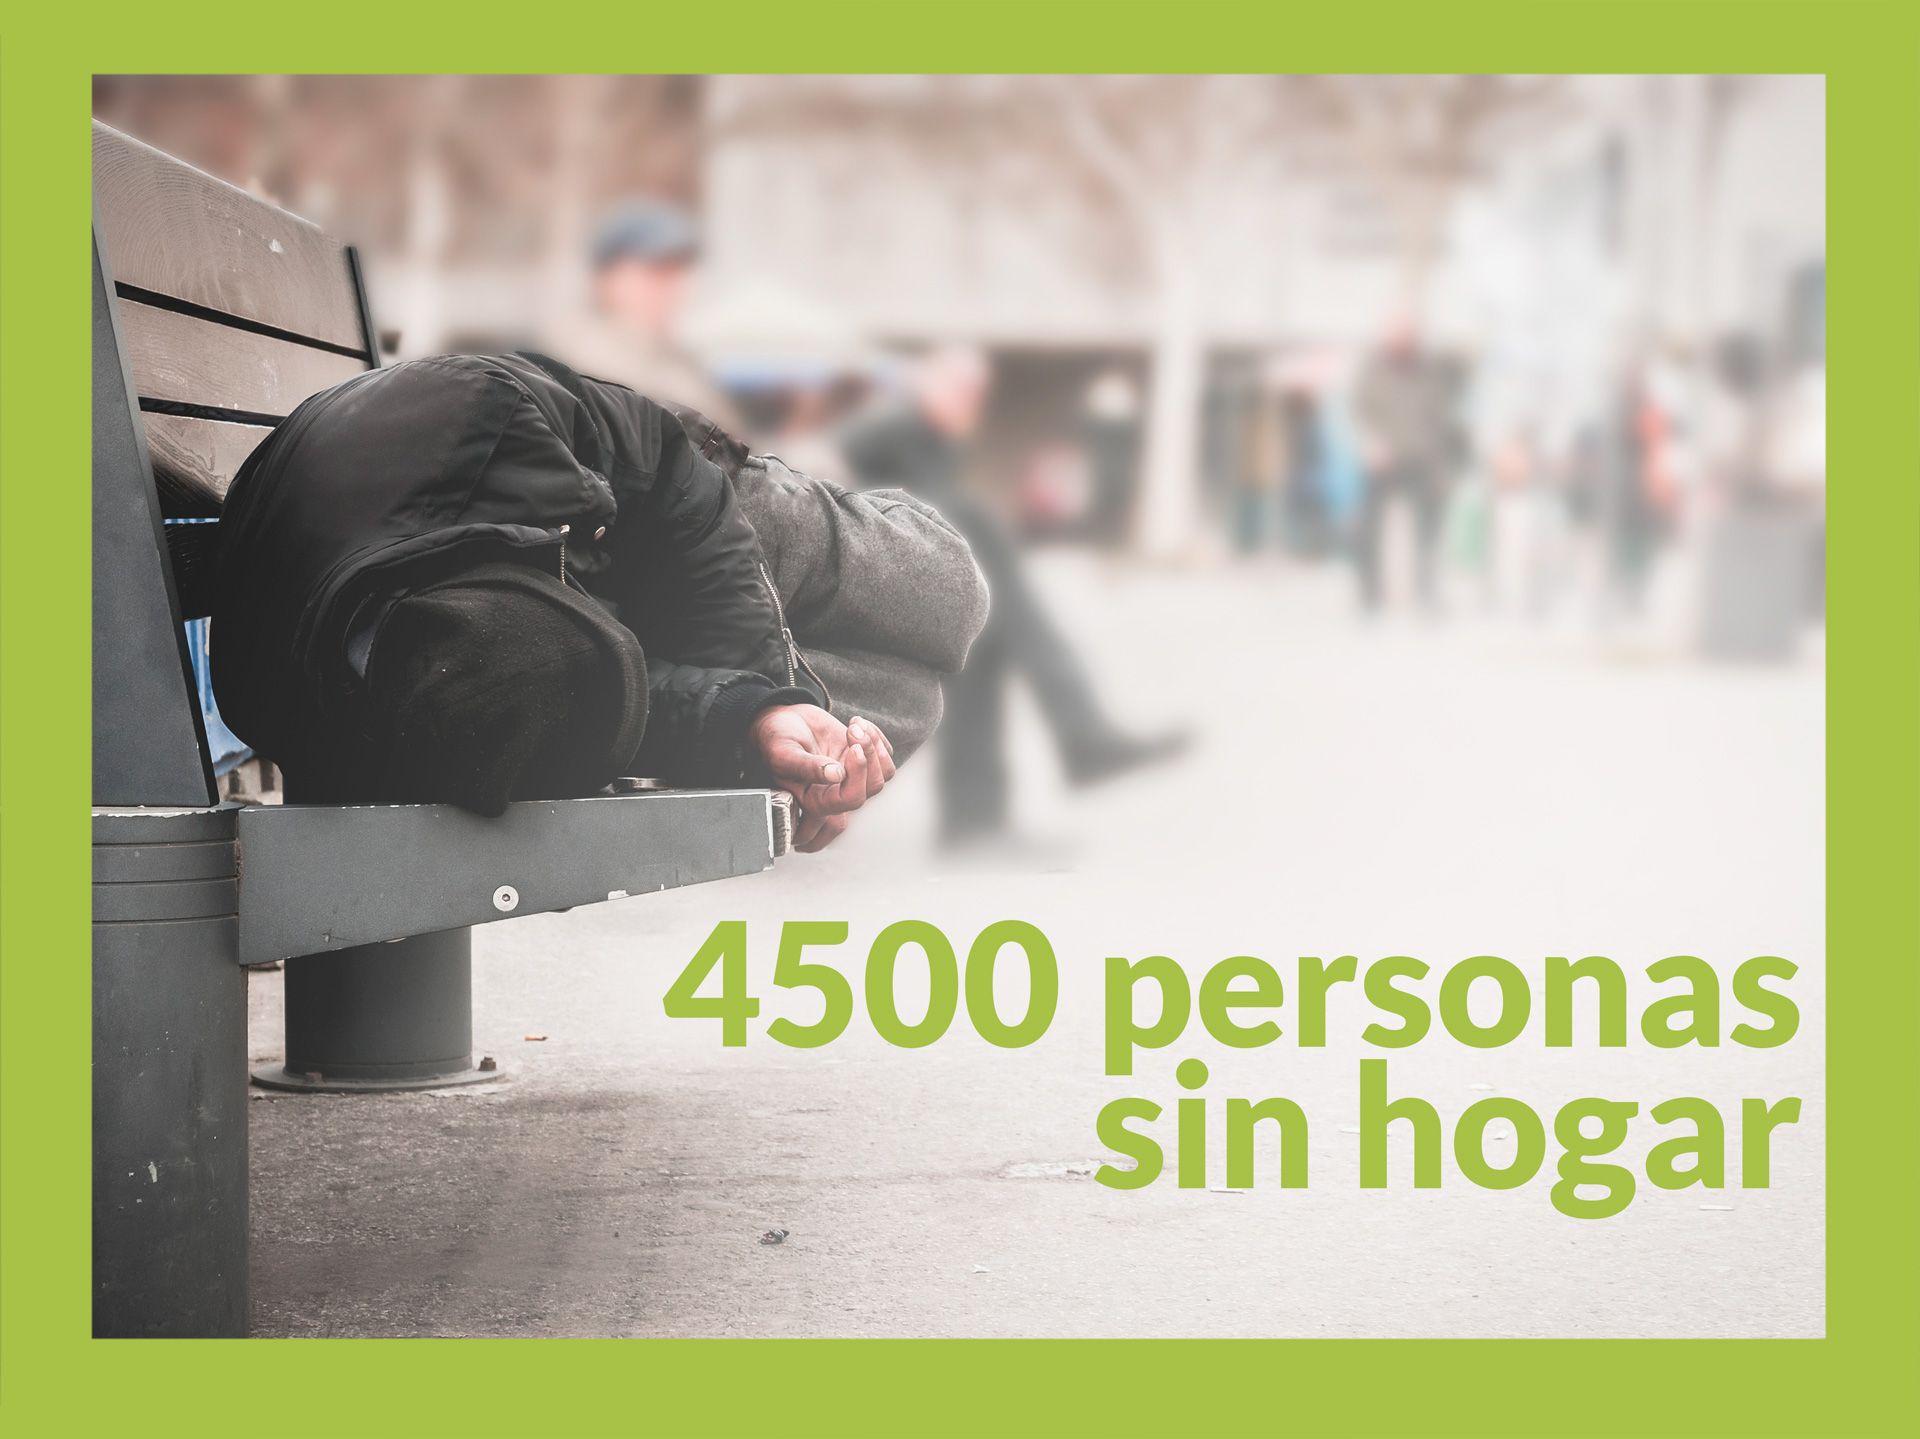 Repara tu deuda, líderes en la Ley de la Segunda Oportunidad, anuncia que hay 4500 personas sin hogar